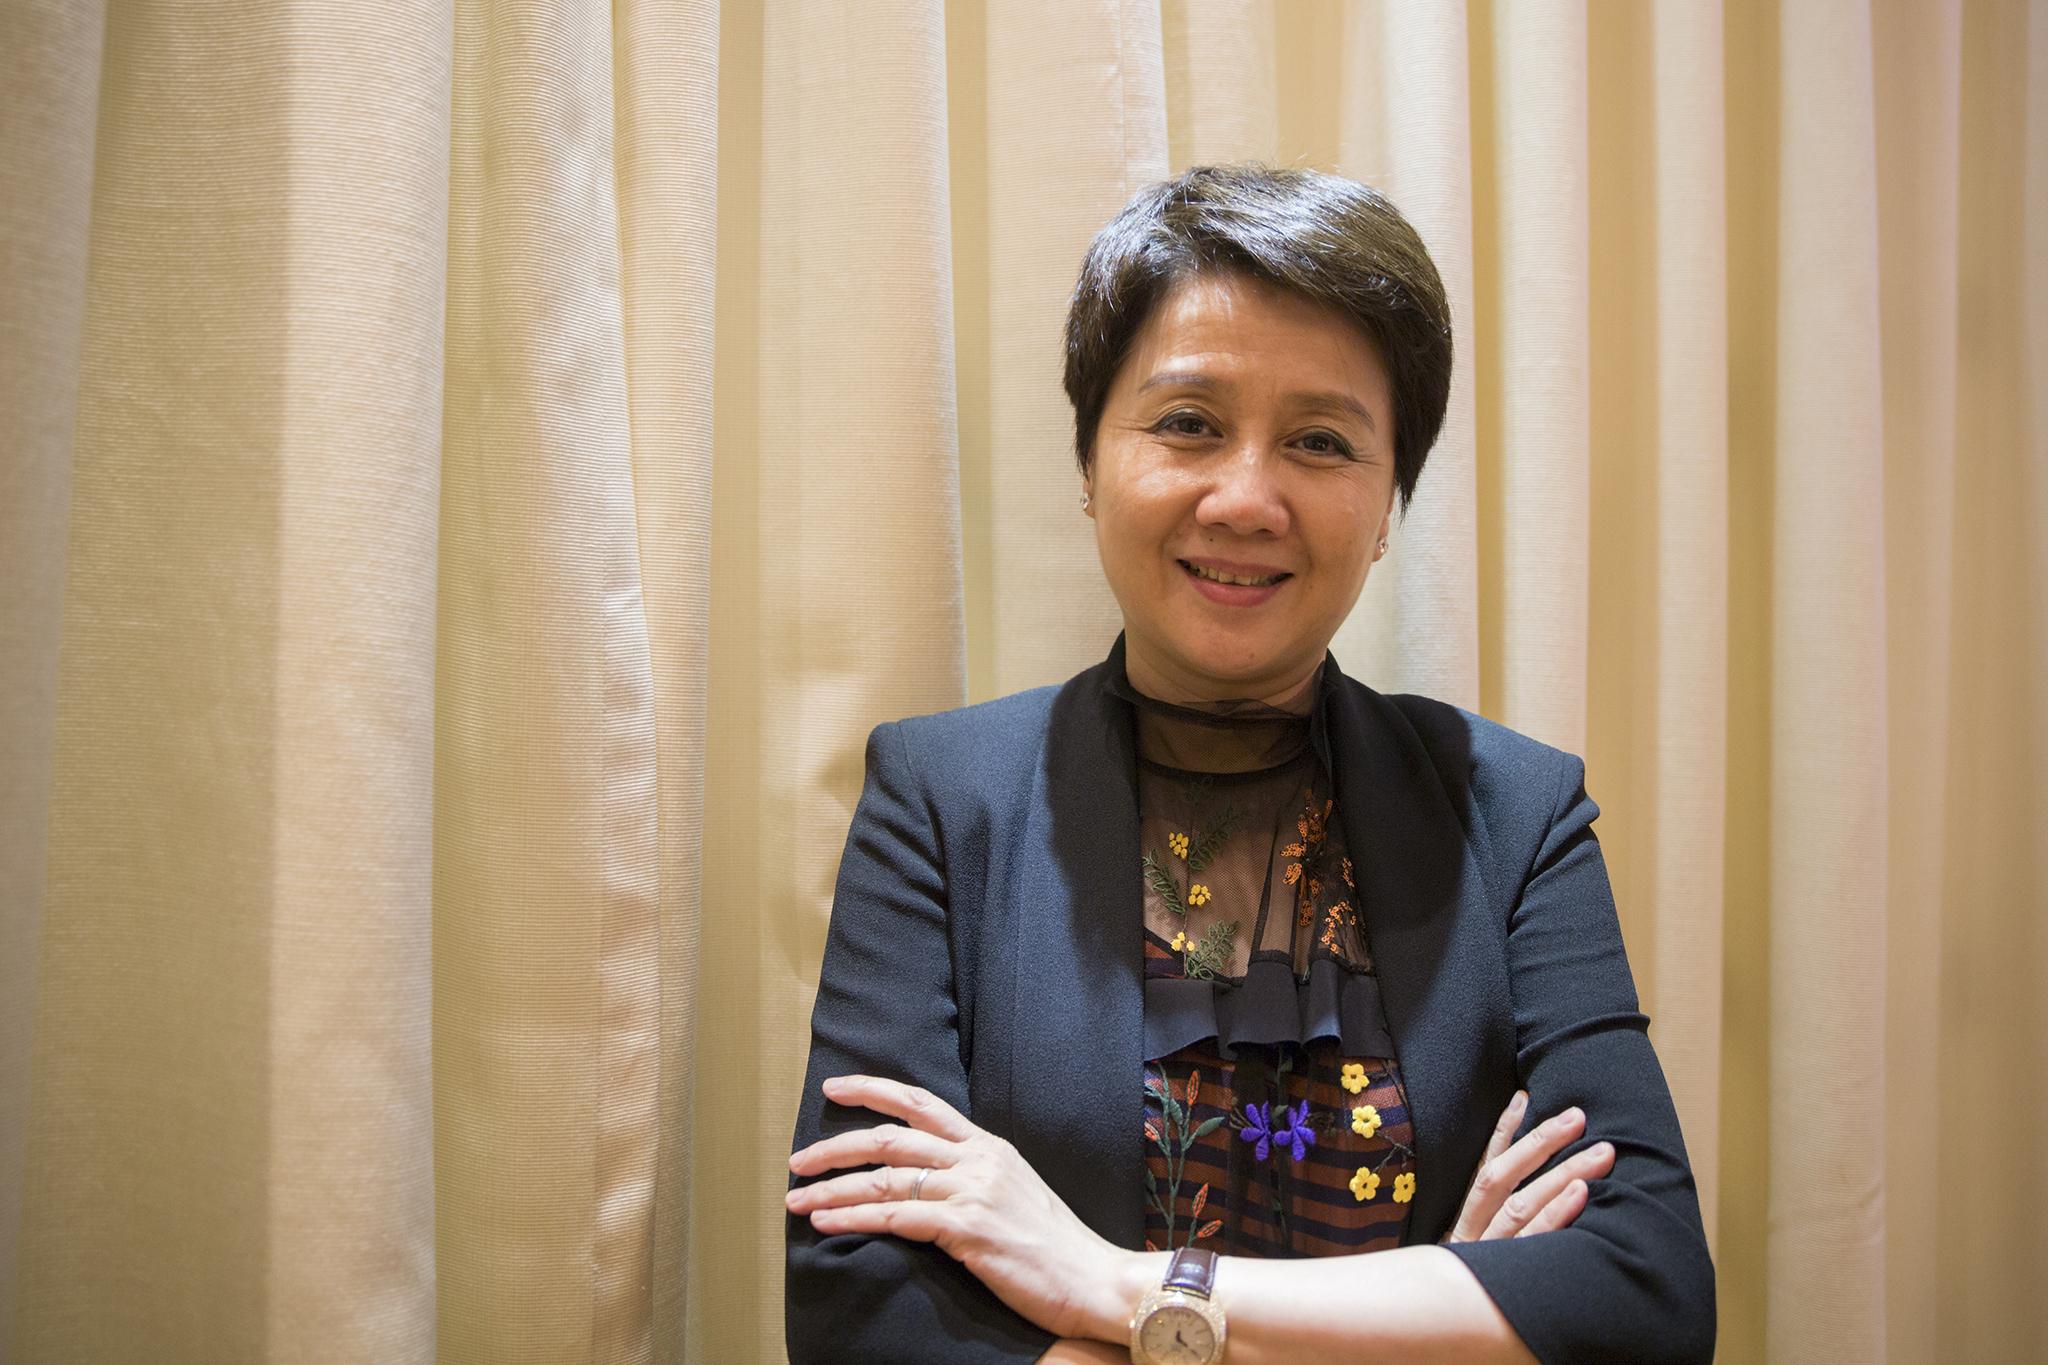 Entrevista | Angela Leong, deputada e candidata às legislativas